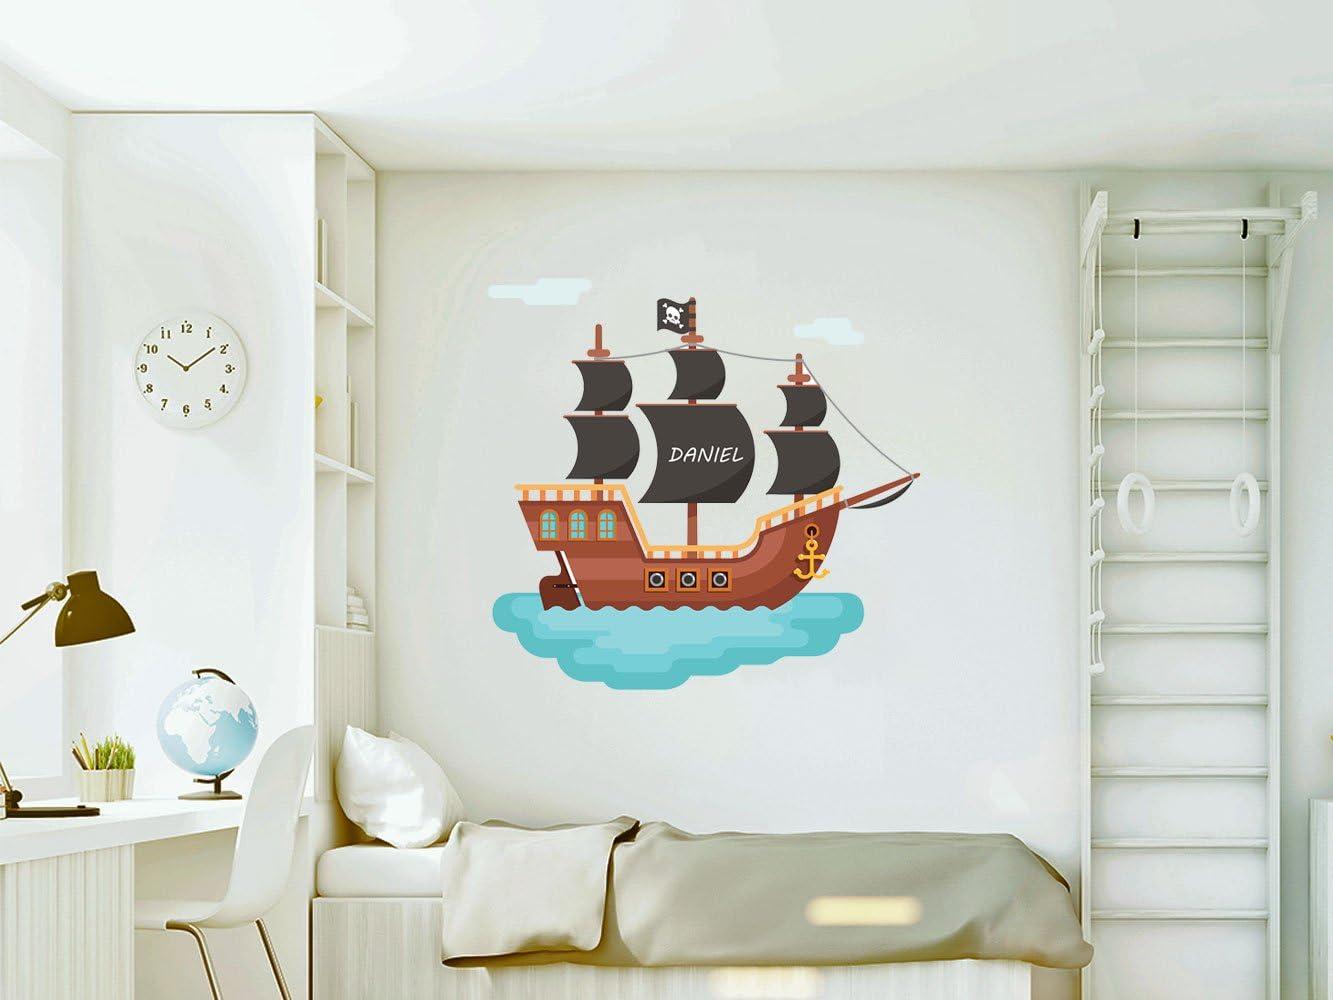 Vinilo Decorativo Pared Infantil | Barco Pirata Personalizado | Varias Medidas 100x100cm | Adhesivo Resistente y de Facil Aplicación | Multicolor | Pegatina Adhesiva Decorativa de Diseño Elegante: Amazon.es: Hogar